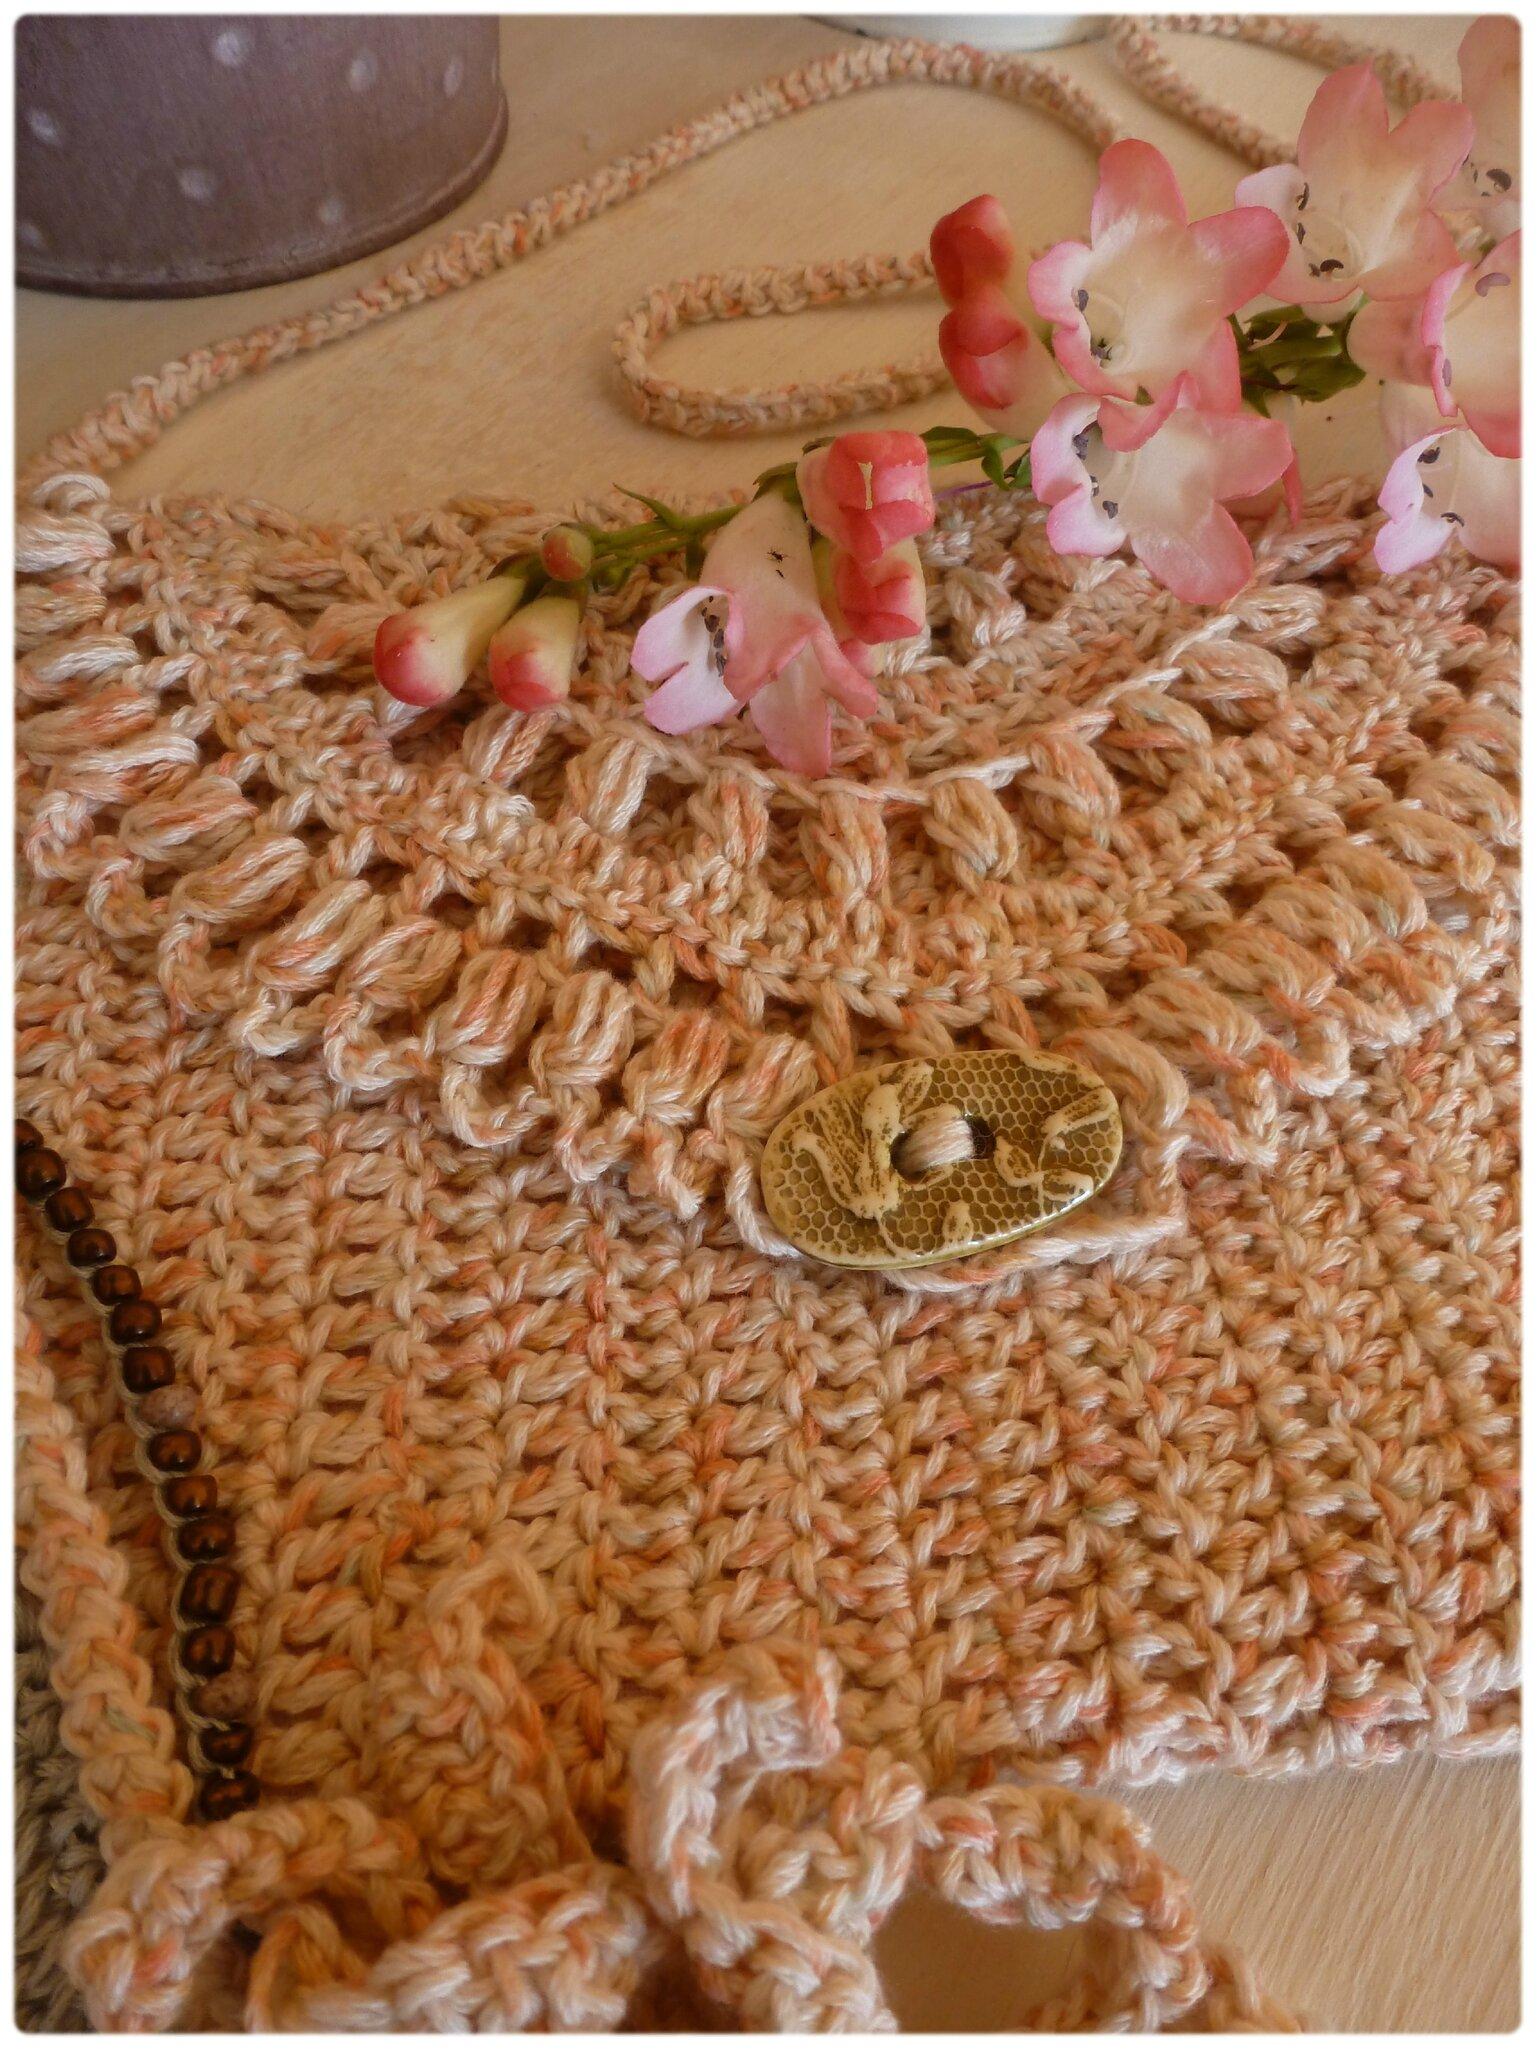 Sérial crocheteuses N° 229- Mariage à la Campagne